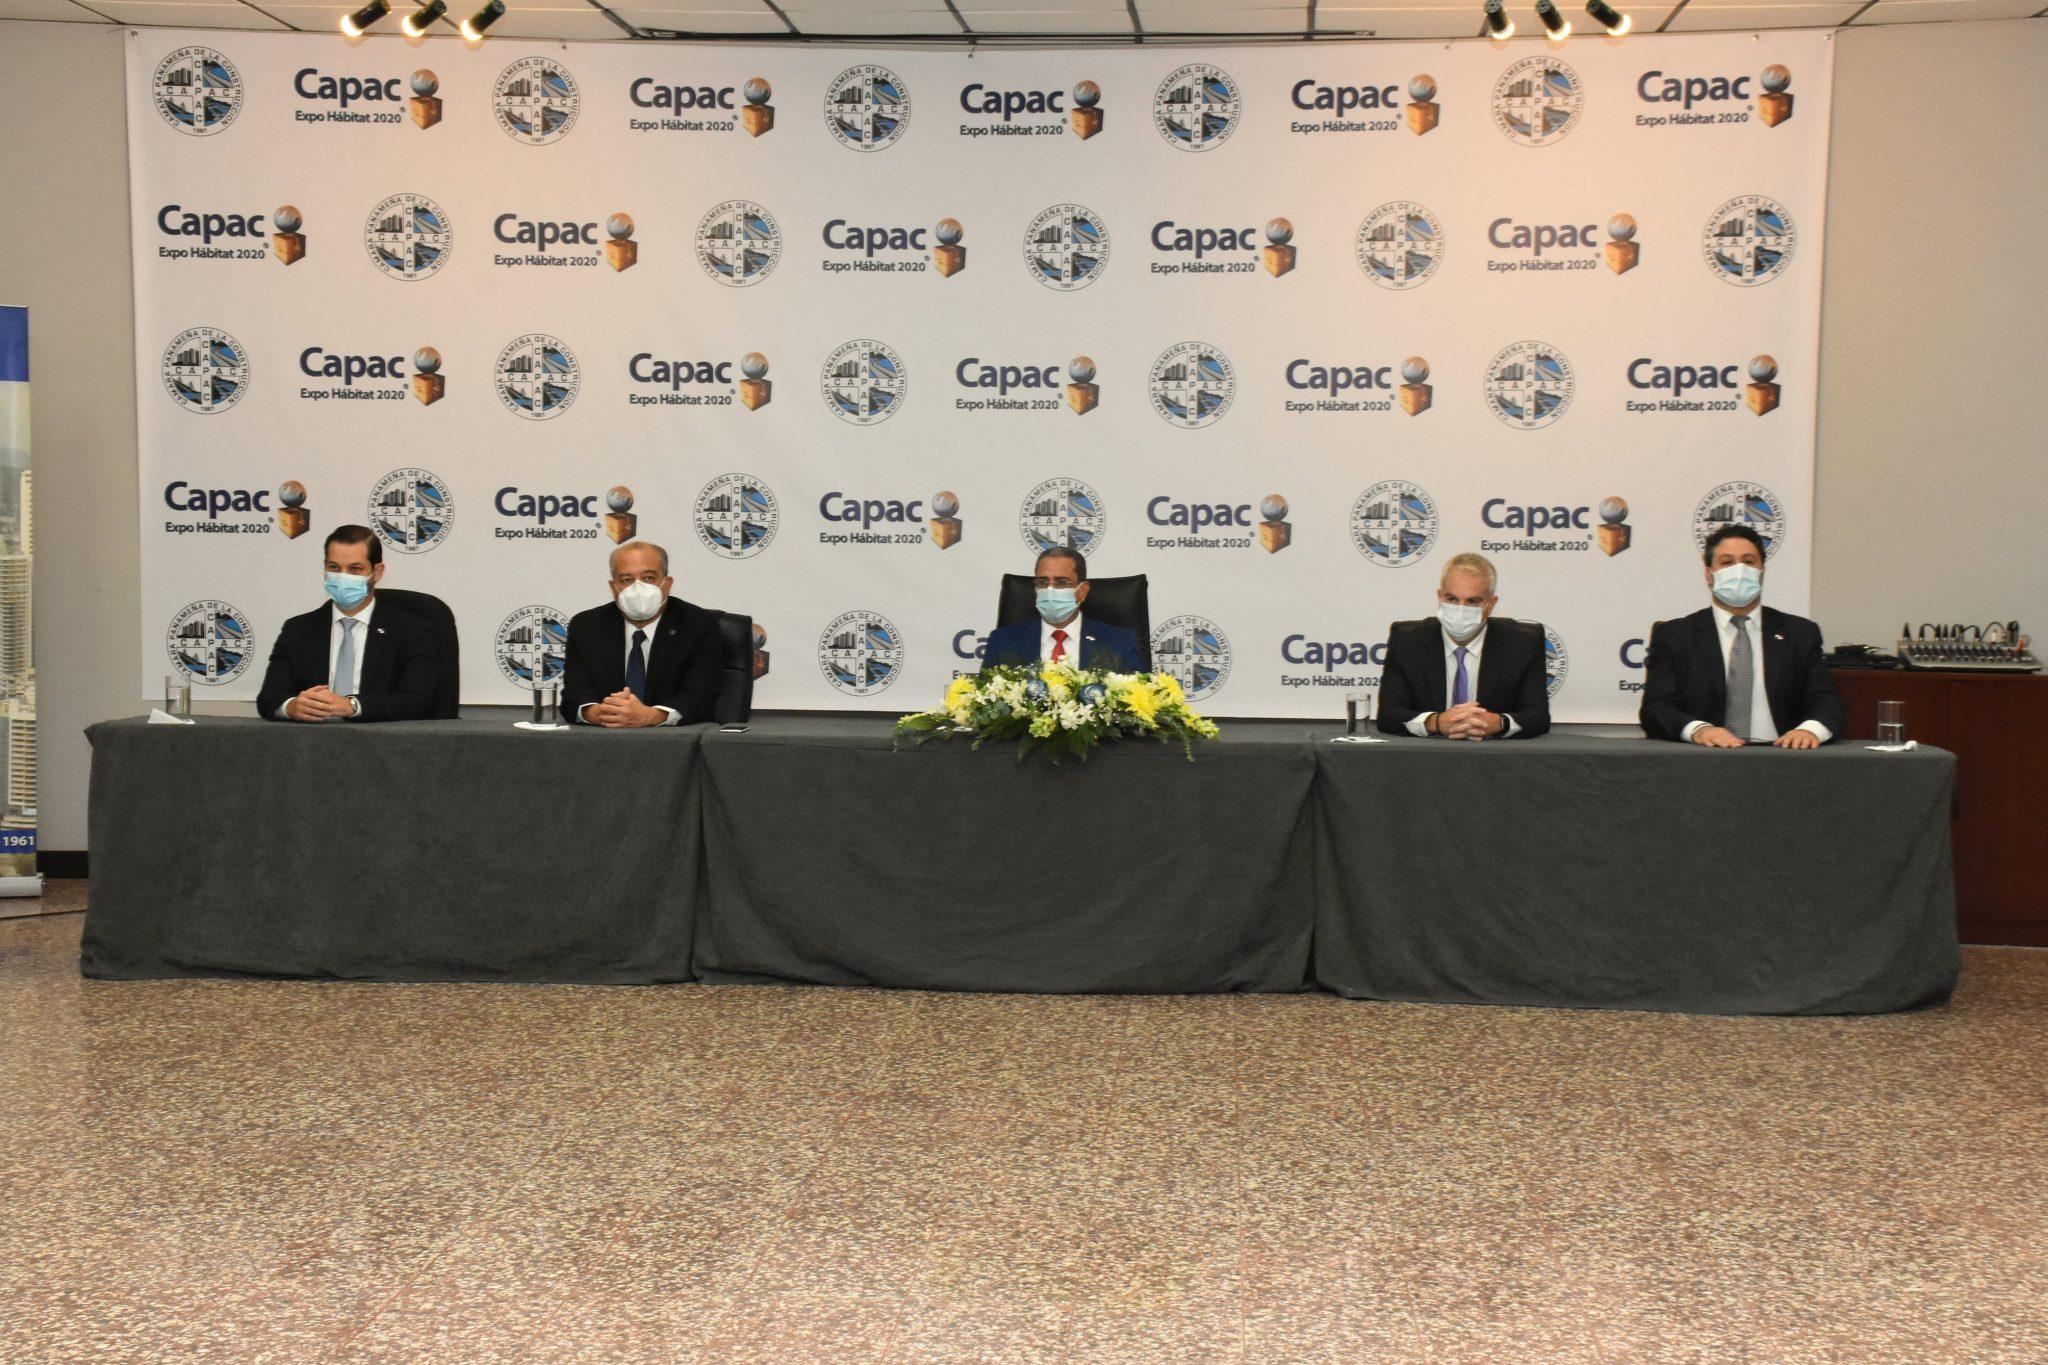 EMPRESARIALES EVENTOS    La trigésima tercera versión de CAPAC Expo Hábitat